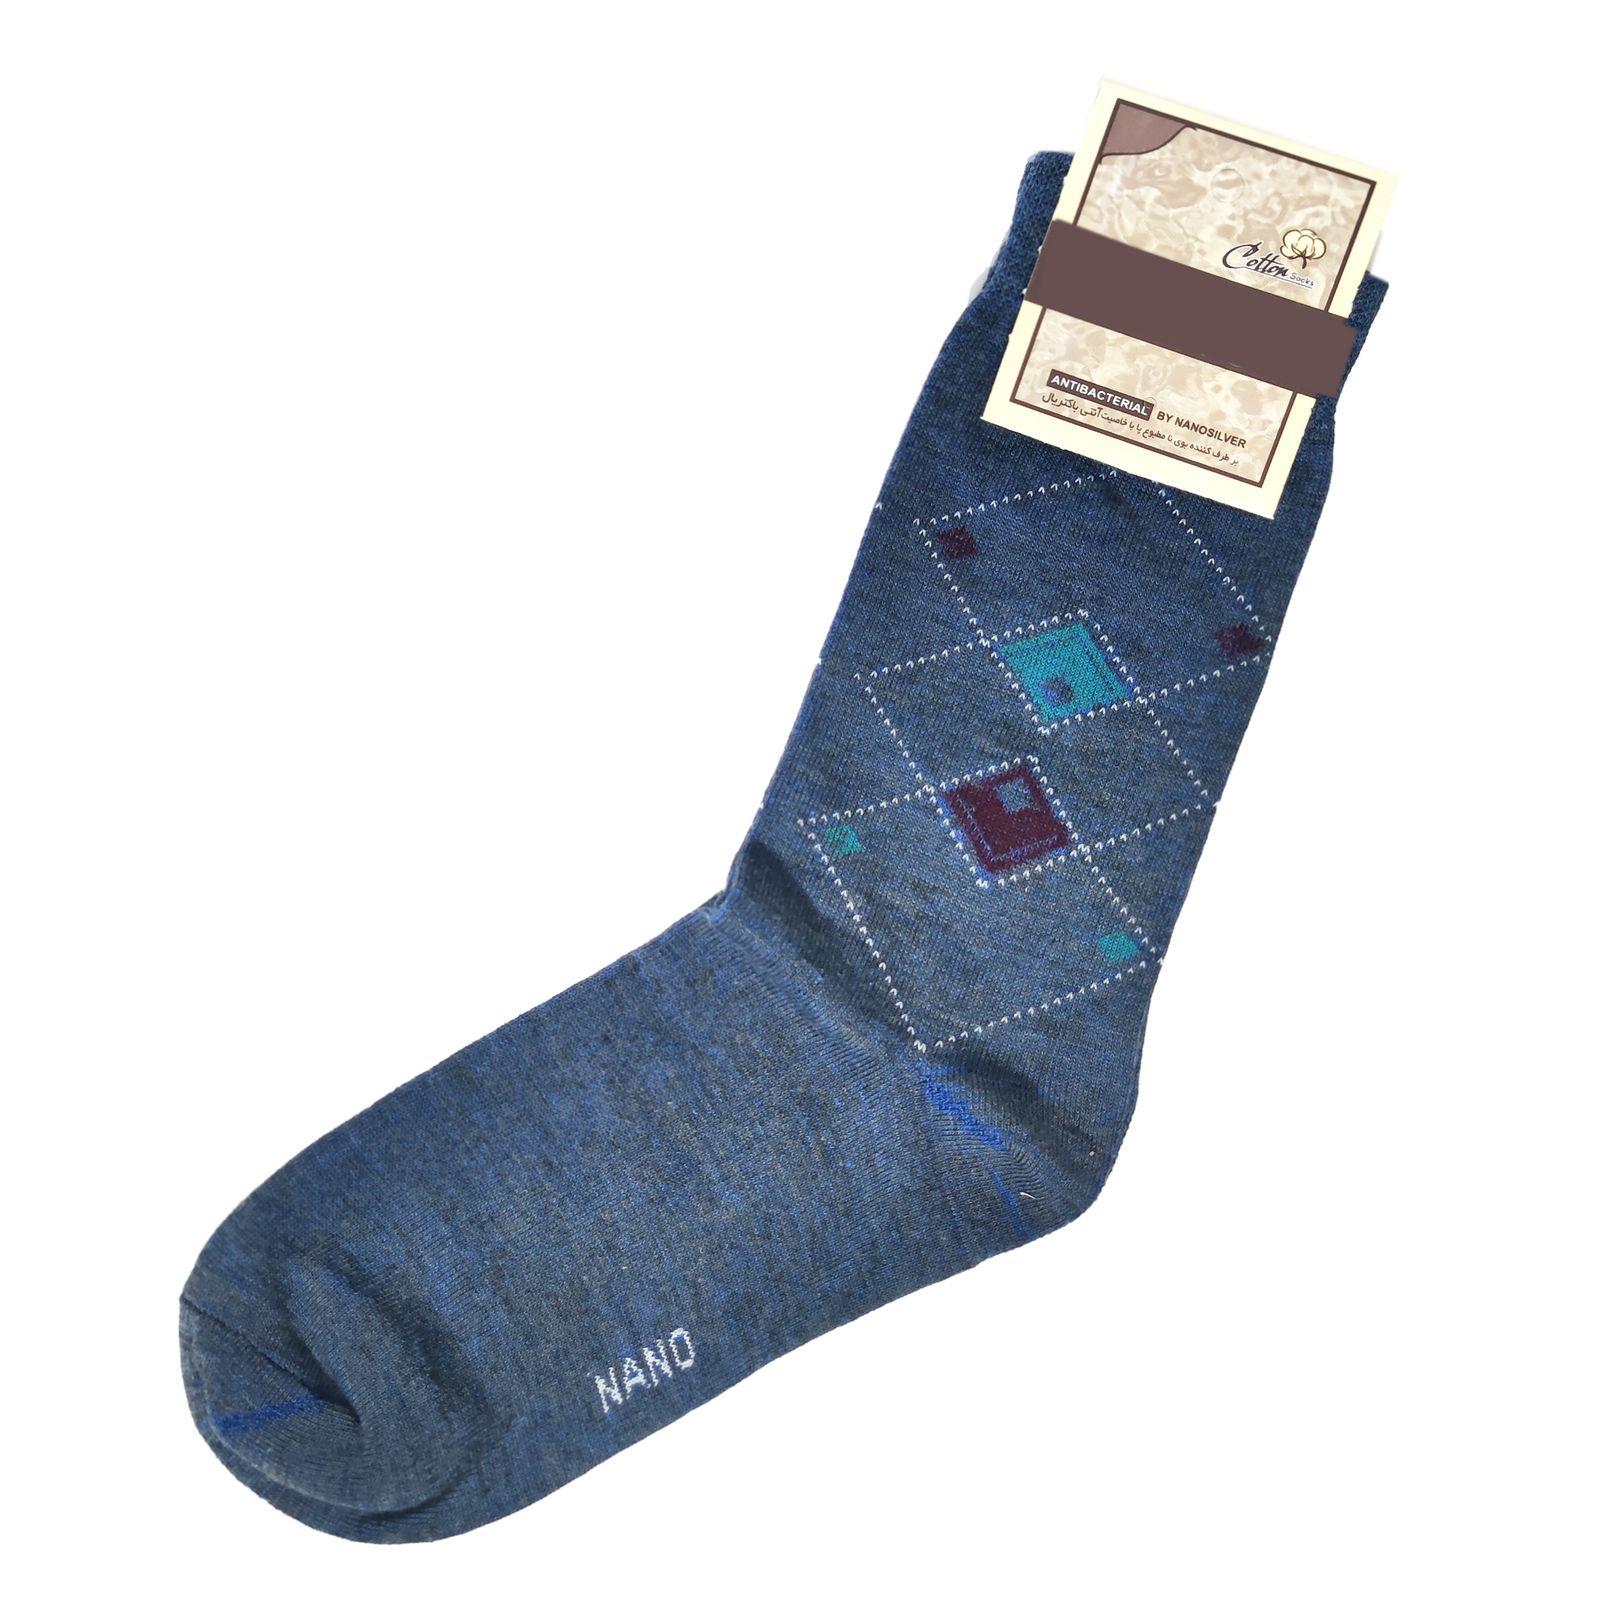 جوراب مردانه کد 210 -  - 3